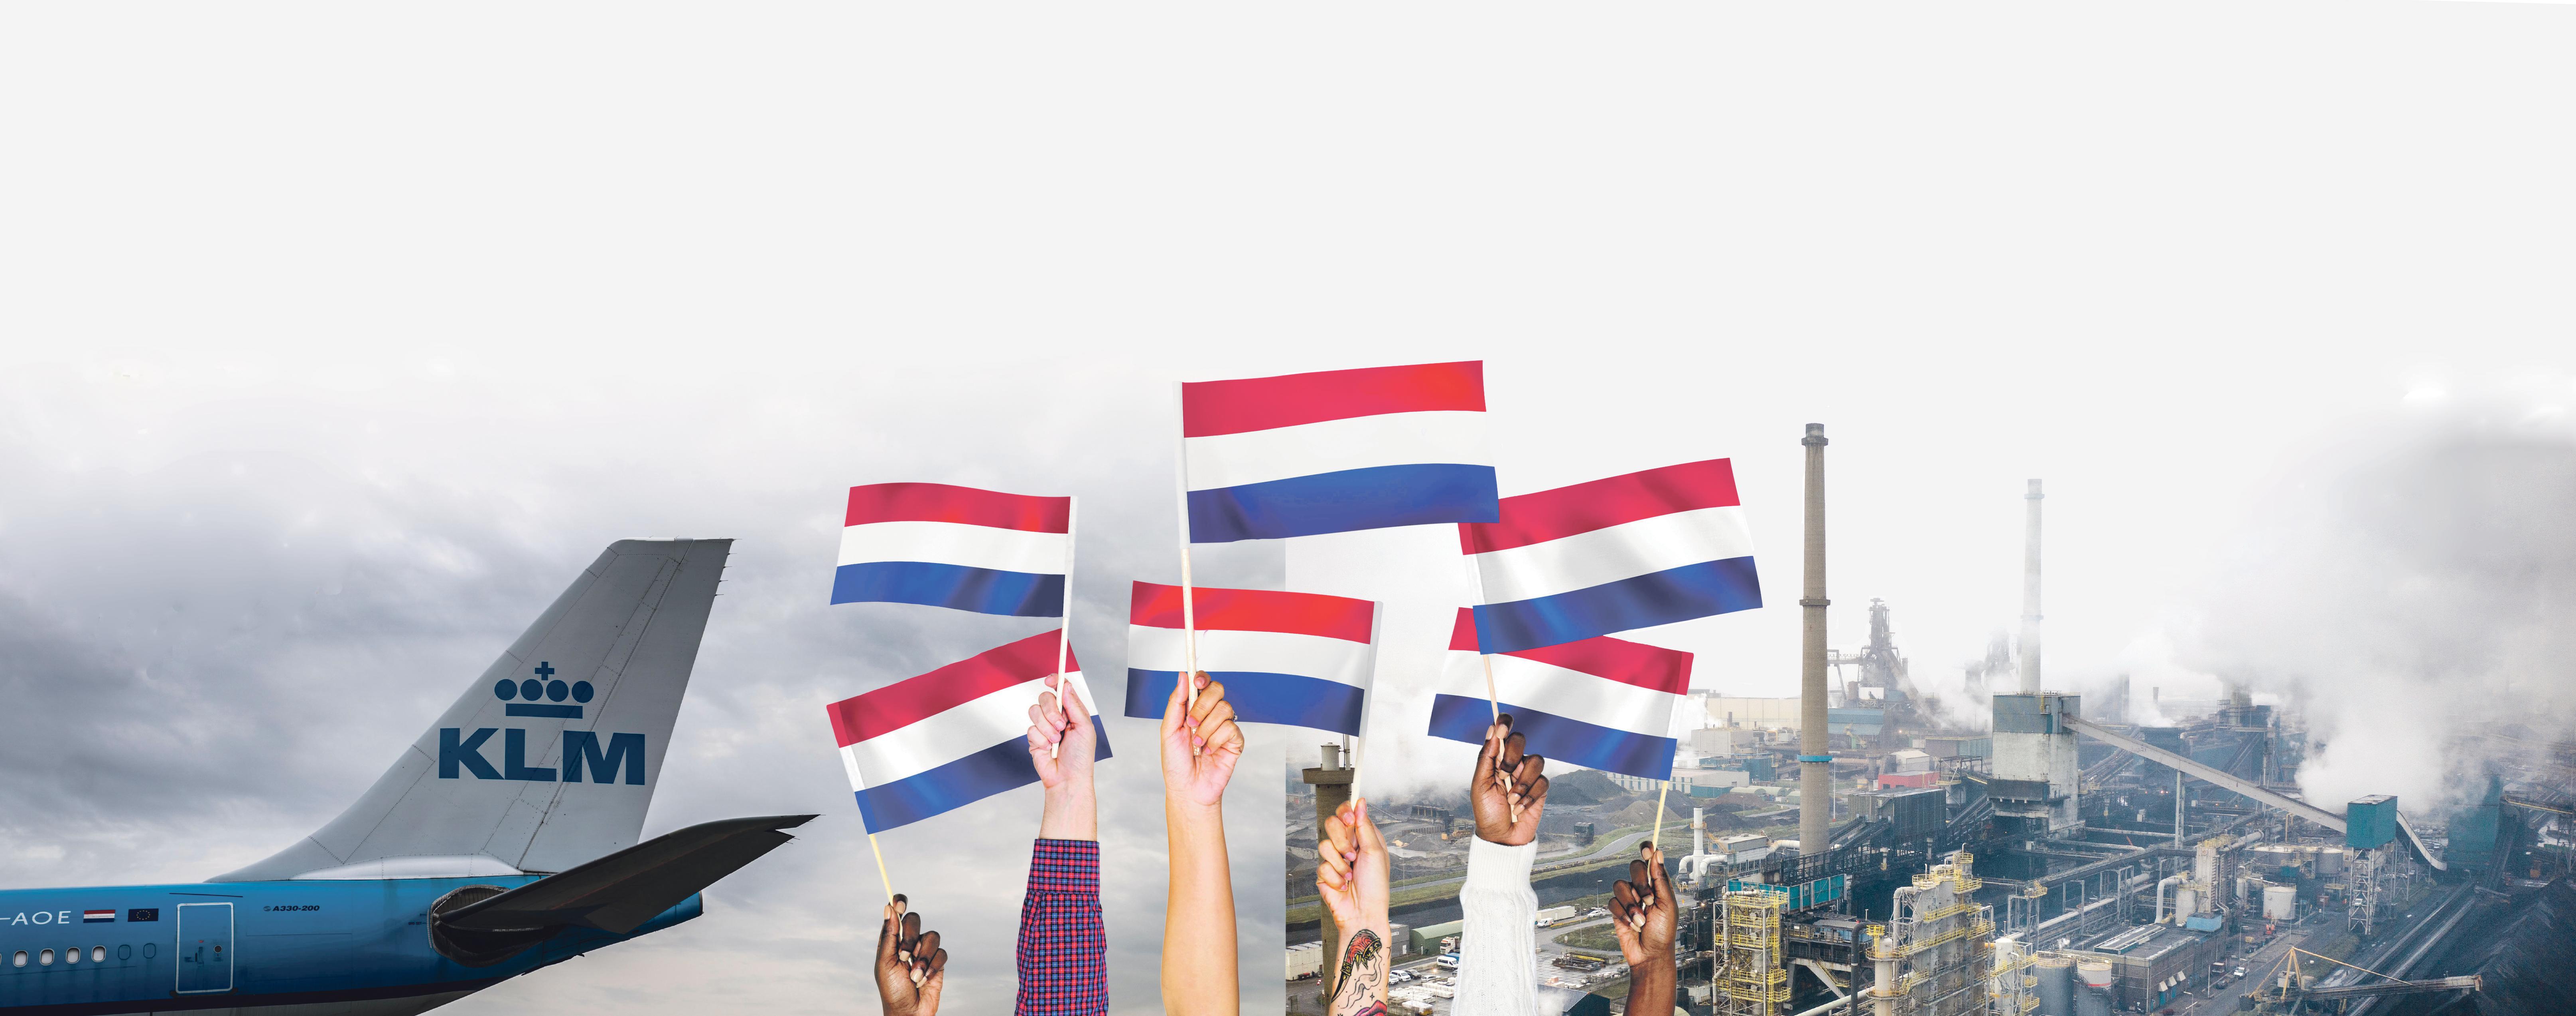 Hoe trots zijn we nog op de Nederlandse iconen KLM en Tata Steel?